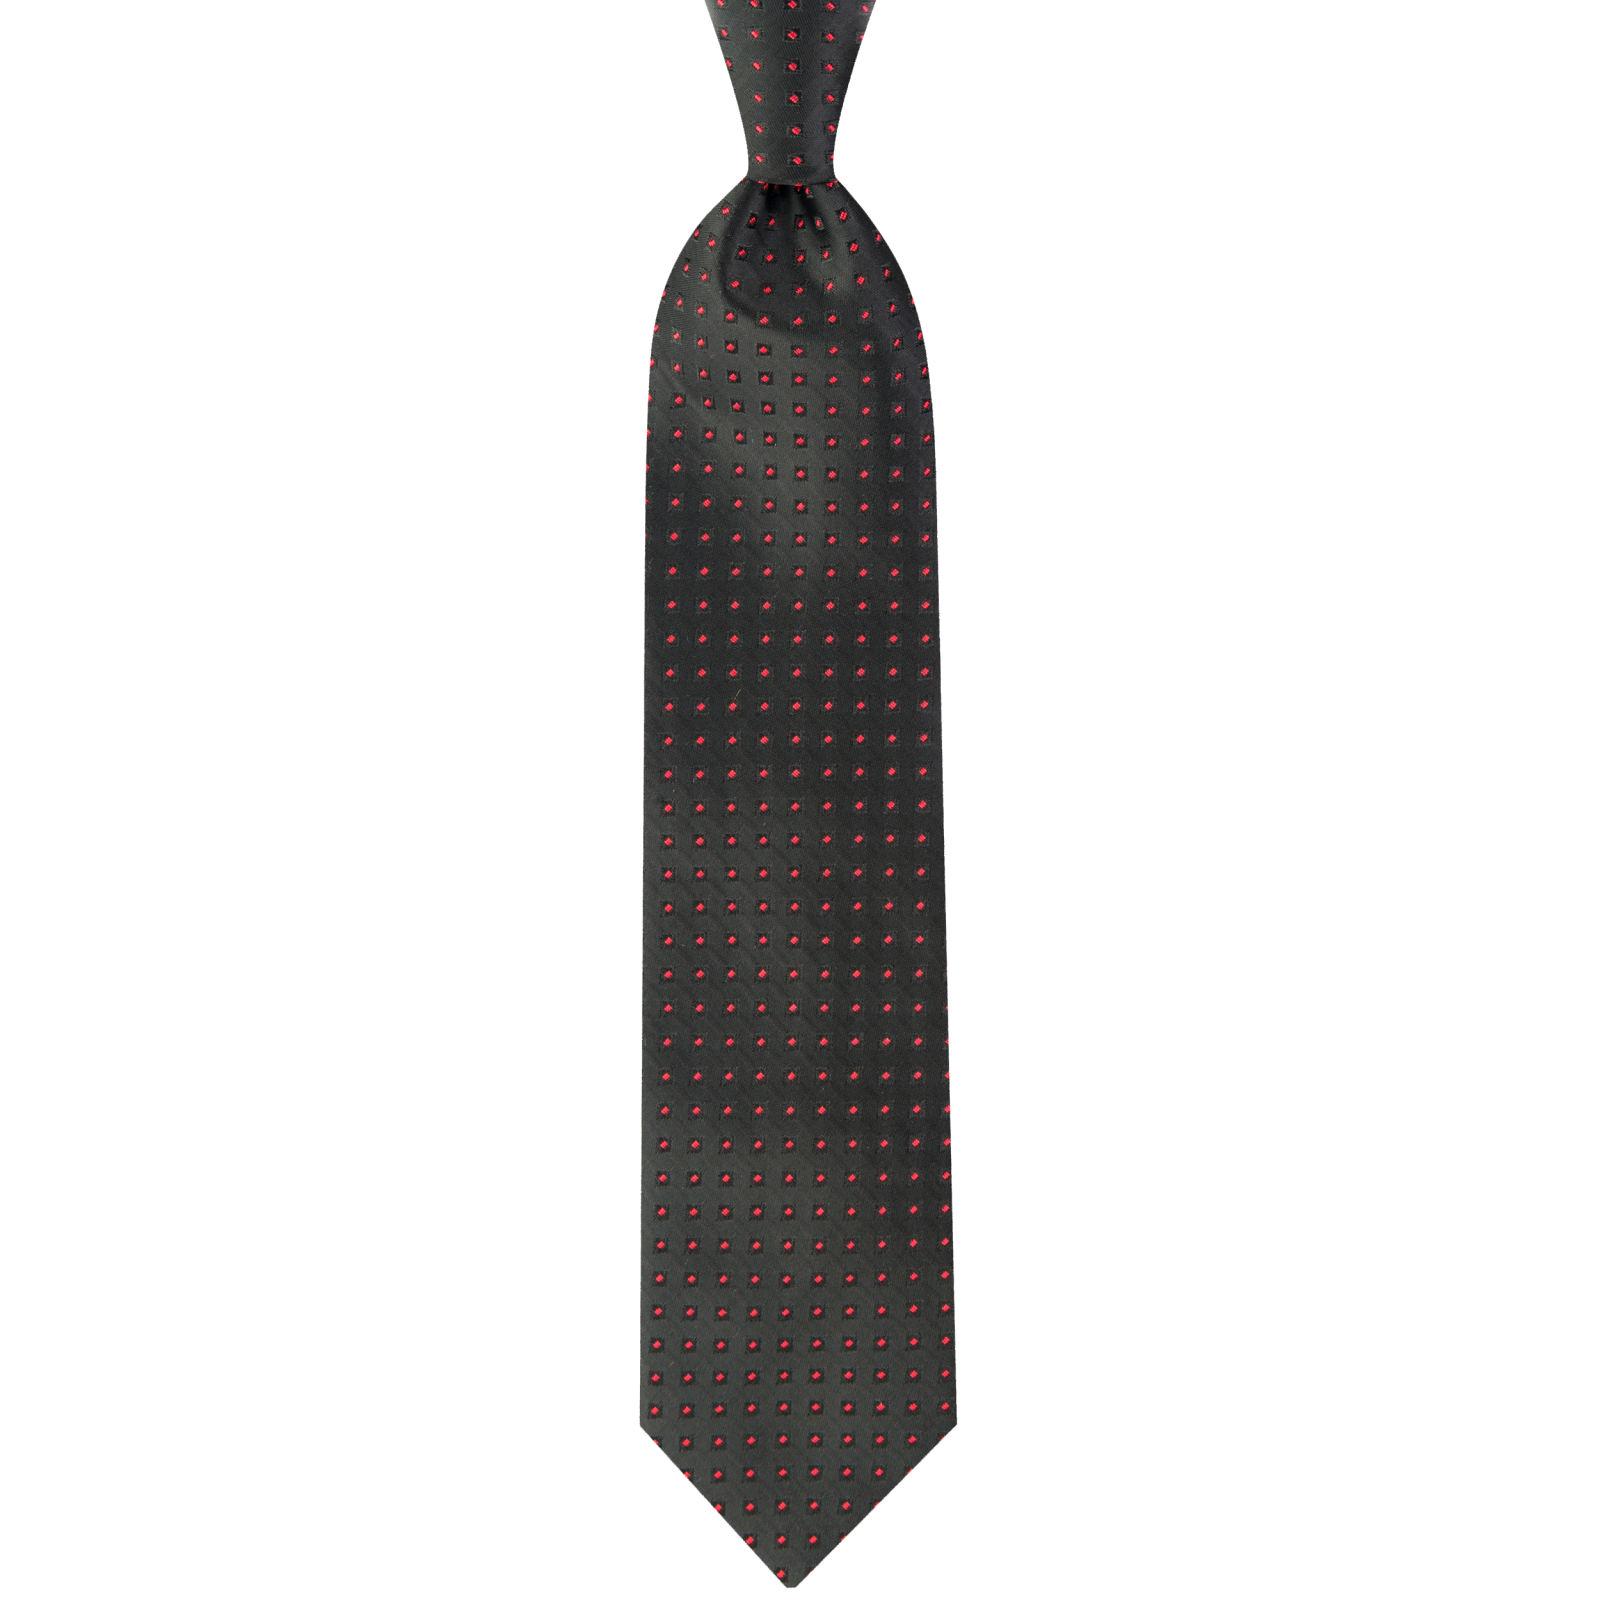 ست کراوات و دستمال جیب و گل کت مردانه جیان فرانکو روسی مدل GF-PA932-BK -  - 4